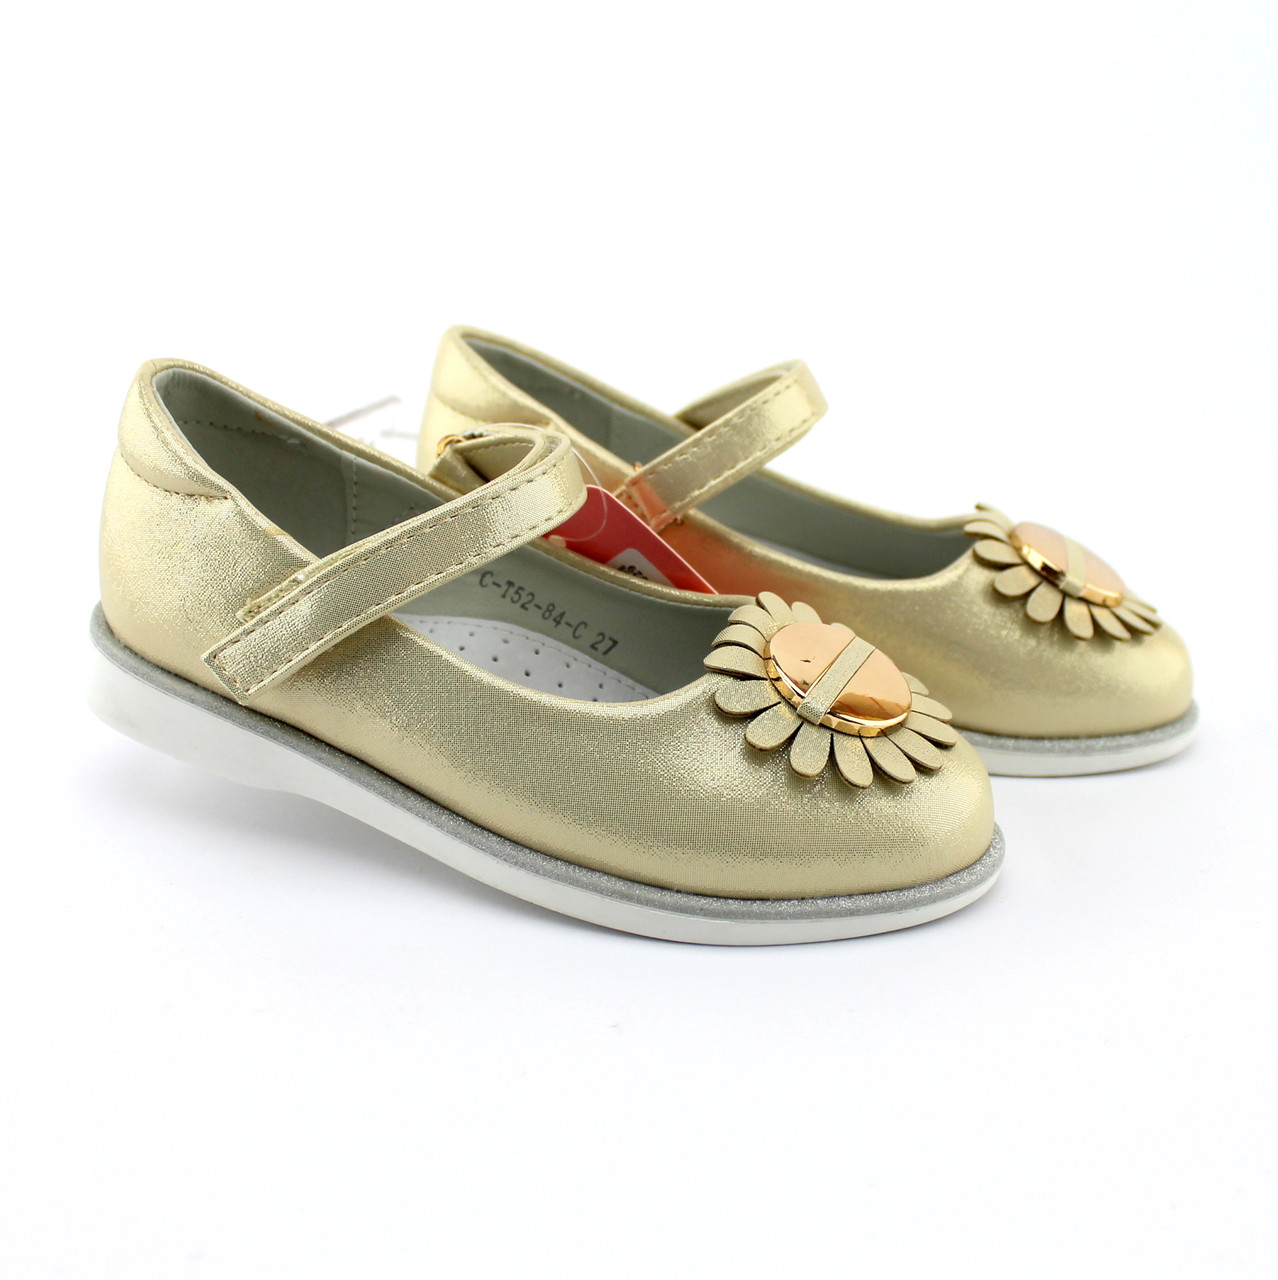 Нарядные детские туфли Золото тм Том.м размер 25,31,32